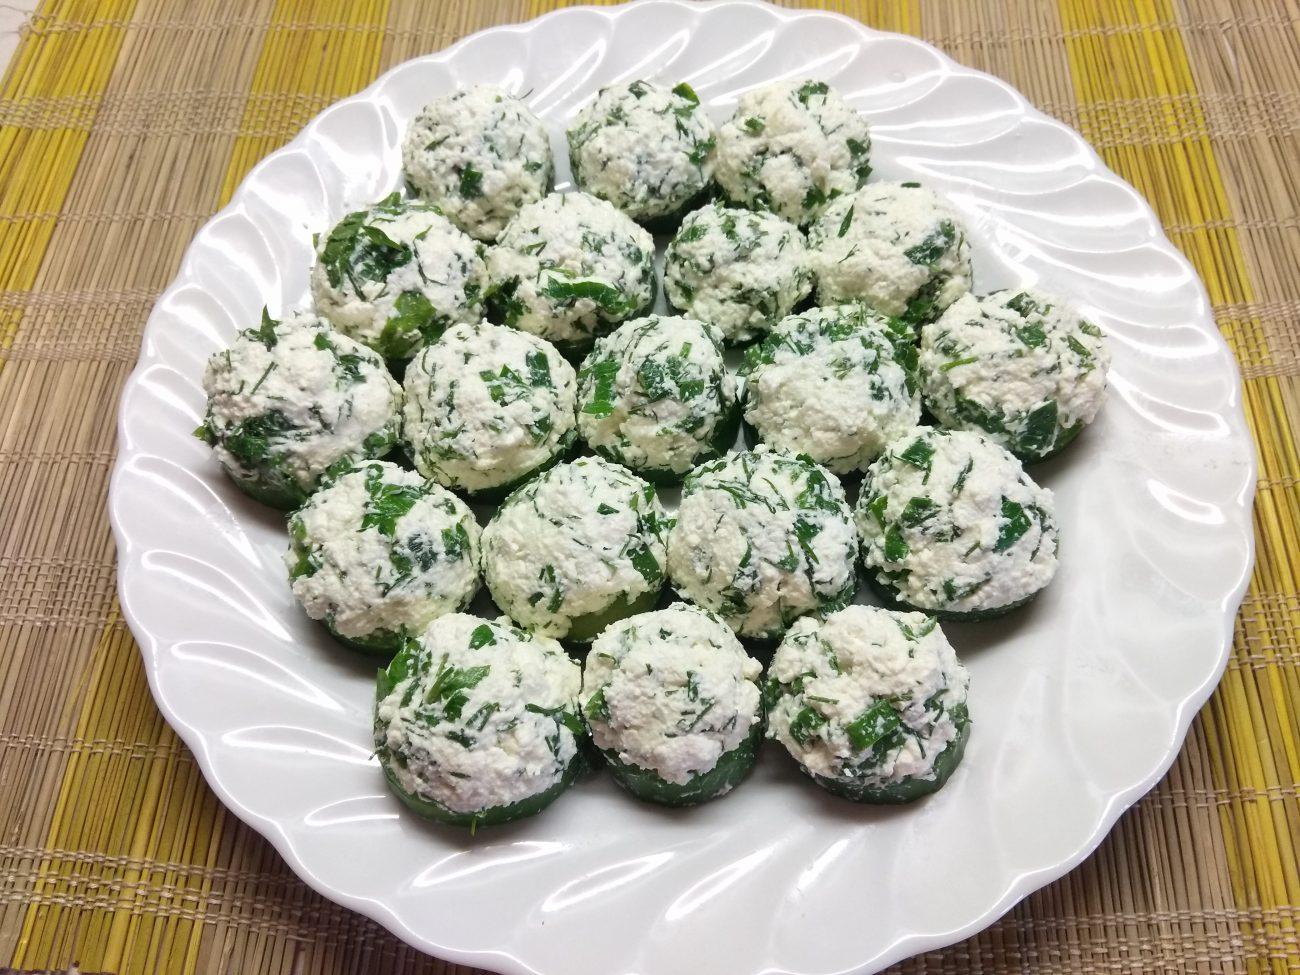 Творожные шарики с зеленью на кольцах огурца